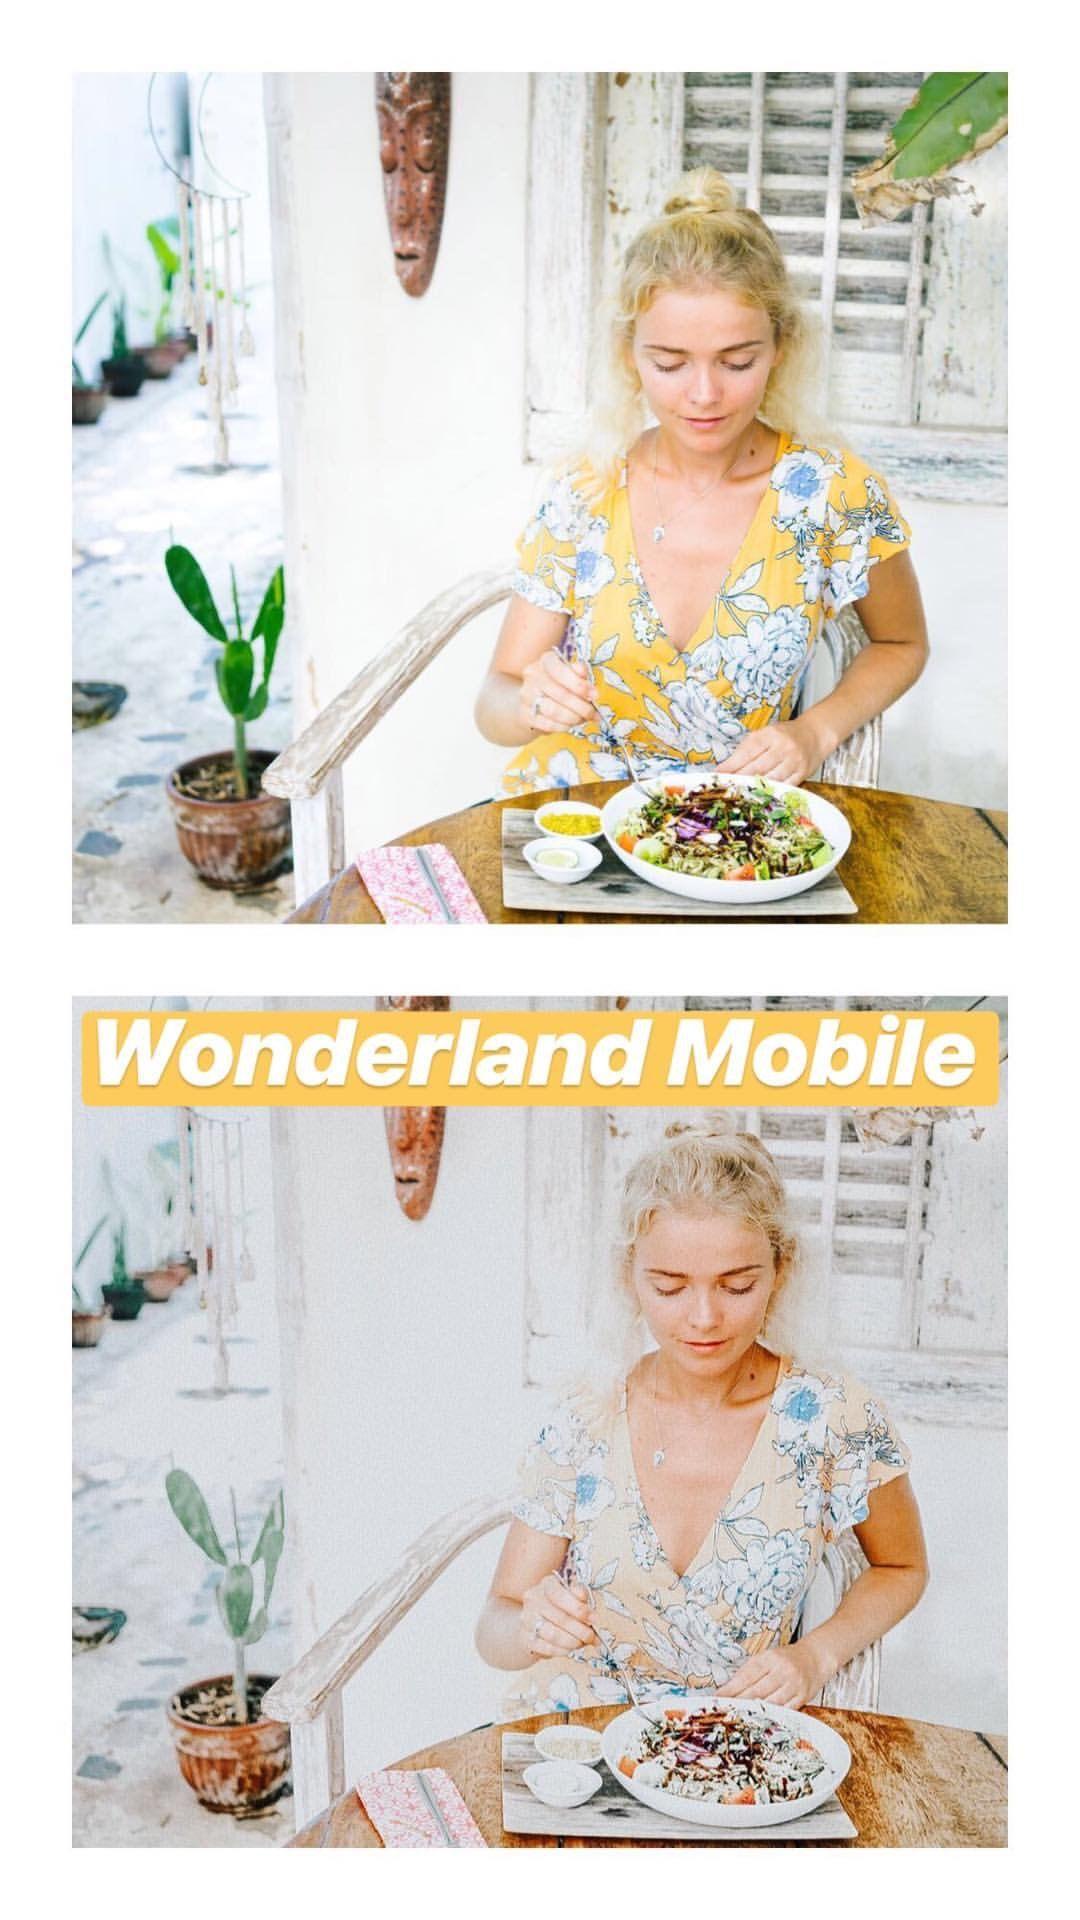 Wonderland mobile lightroom presets Lightroom presets